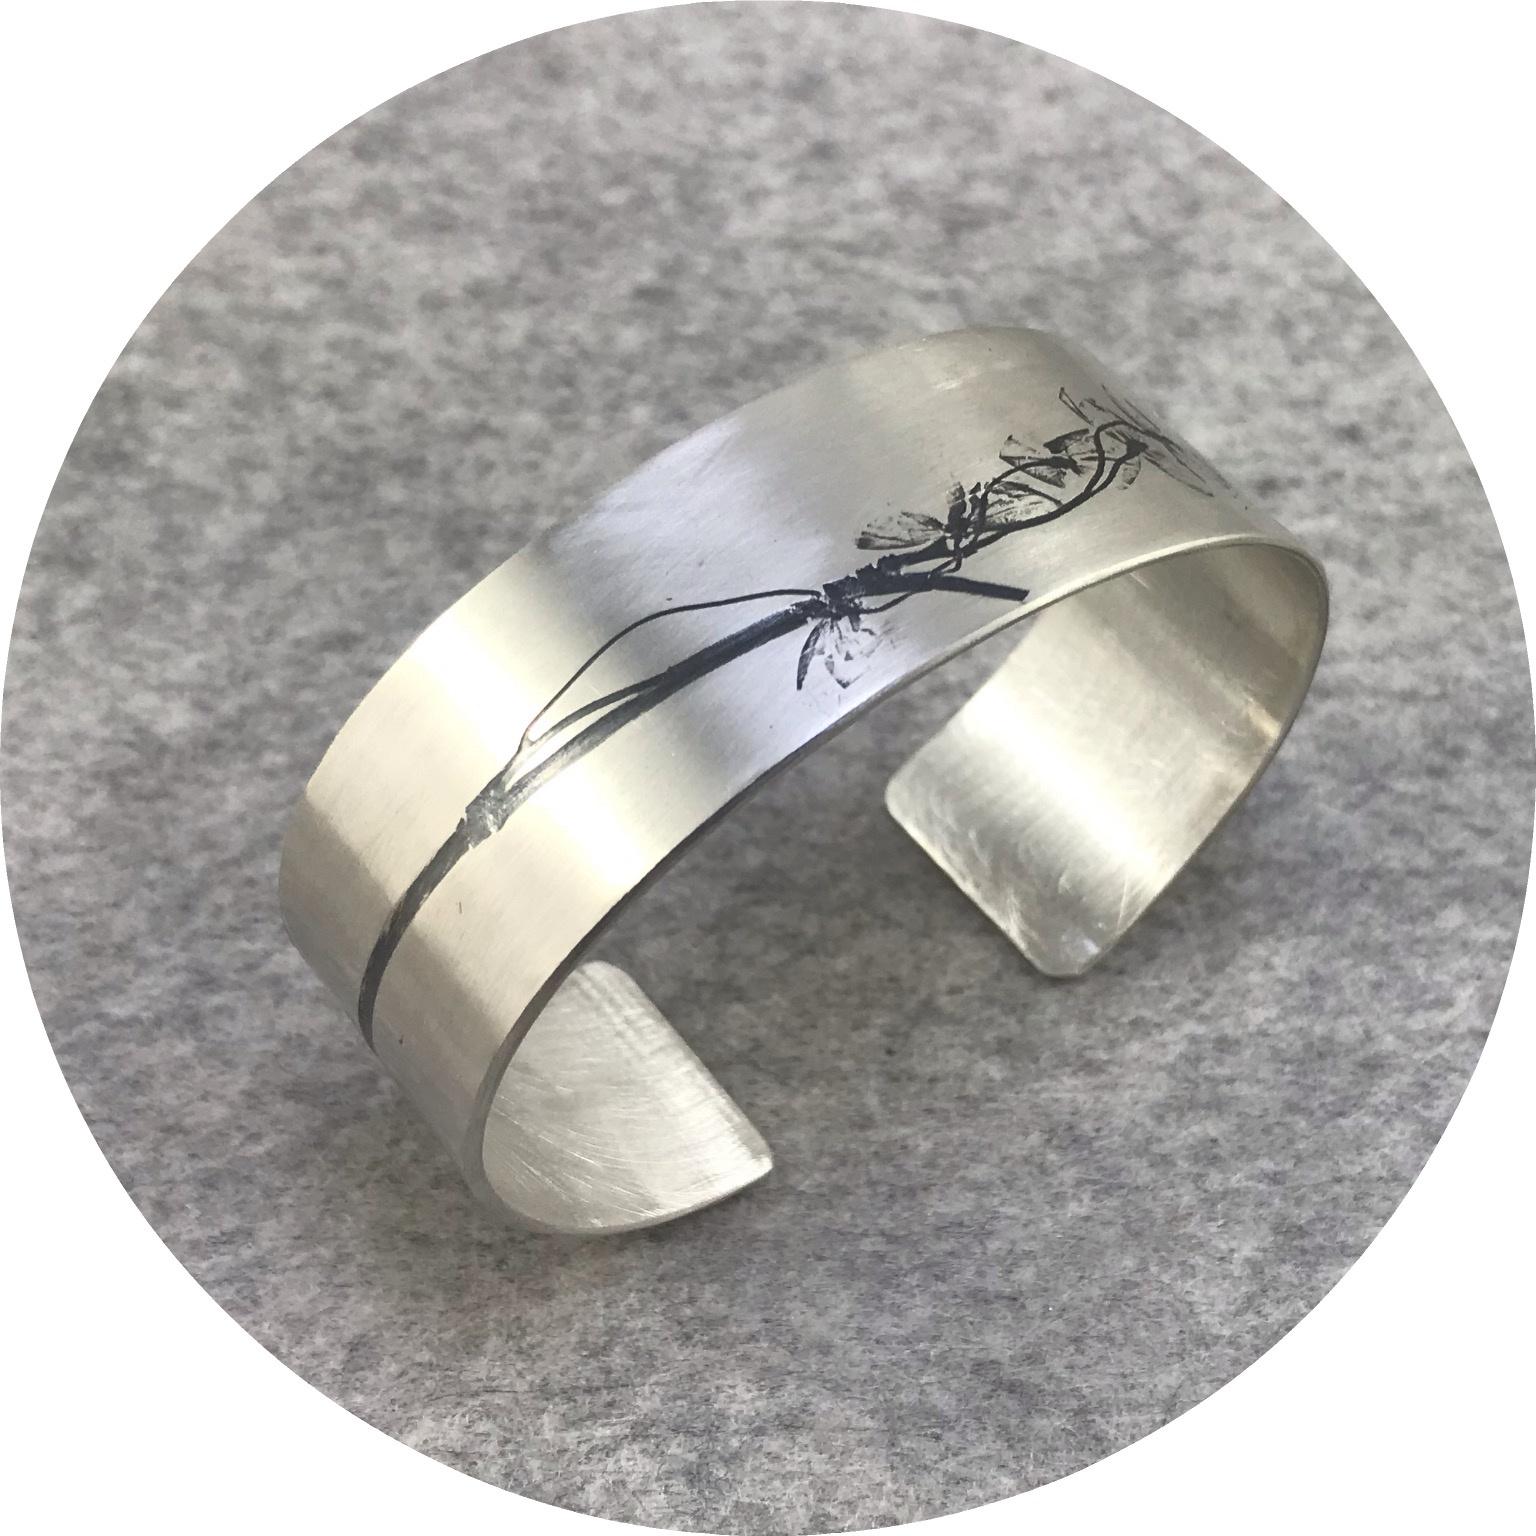 Claire Taylor - 'Single Plant Cuff', 925 silver